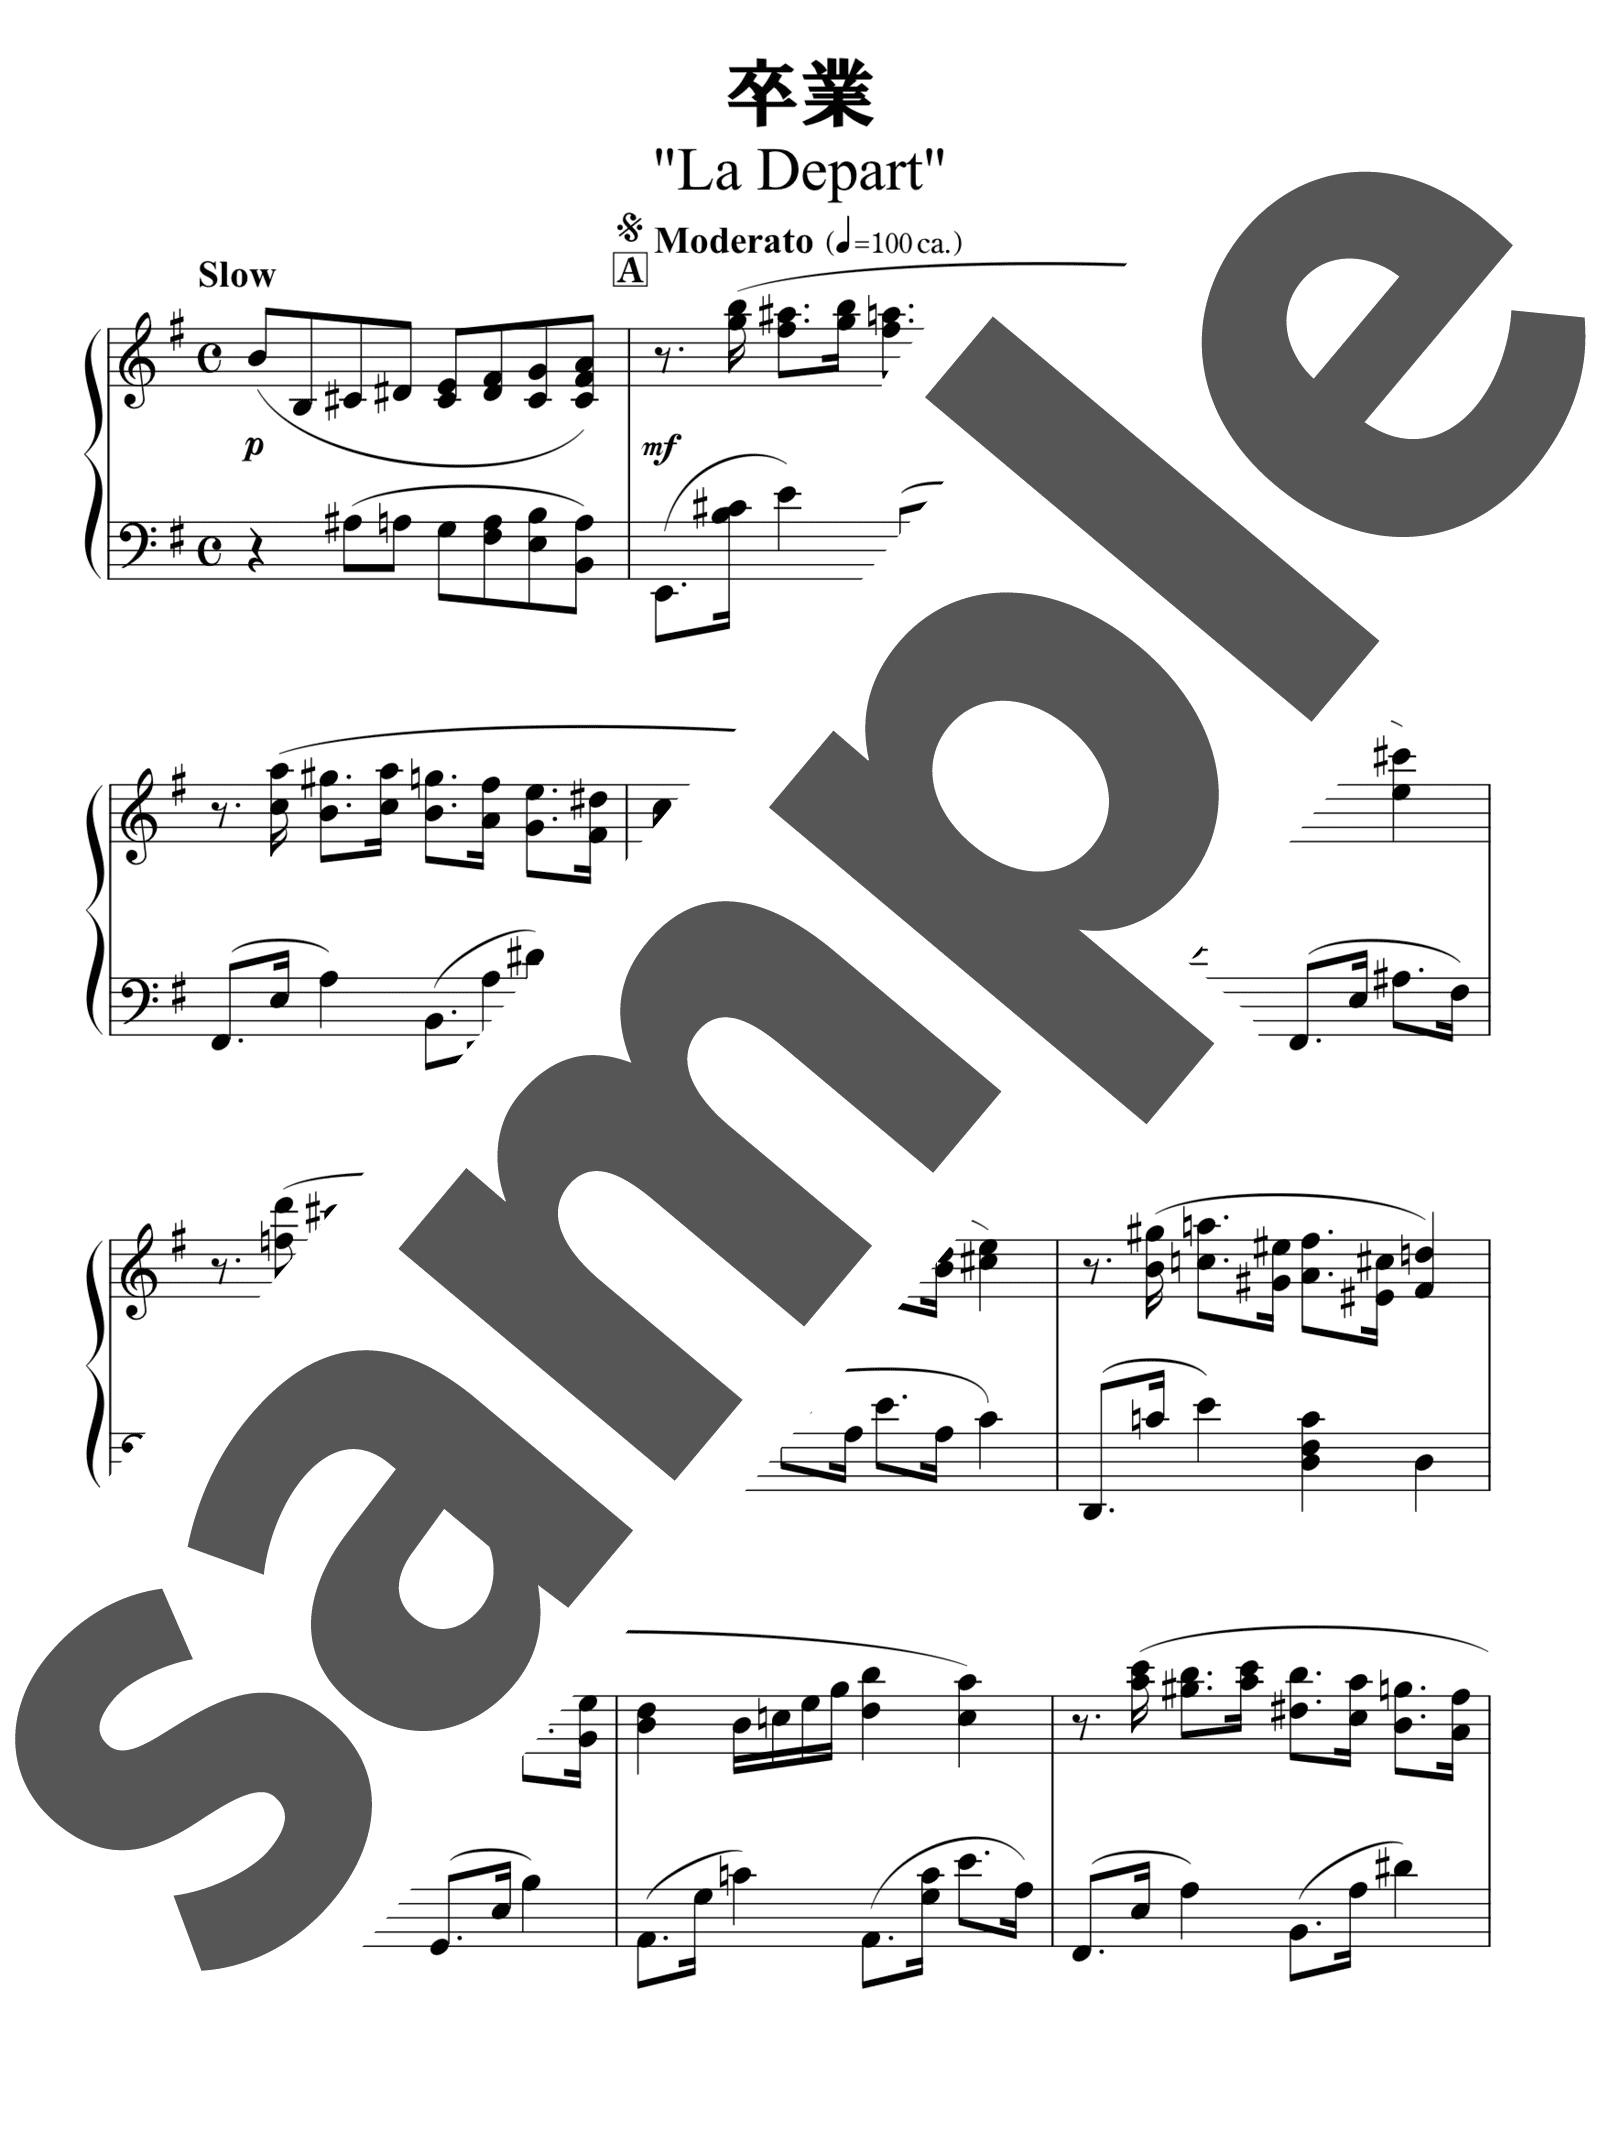 ピアノ楽譜】卒業 / 羽田健太郎 (ソロ / 中級) | 電子楽譜カノン